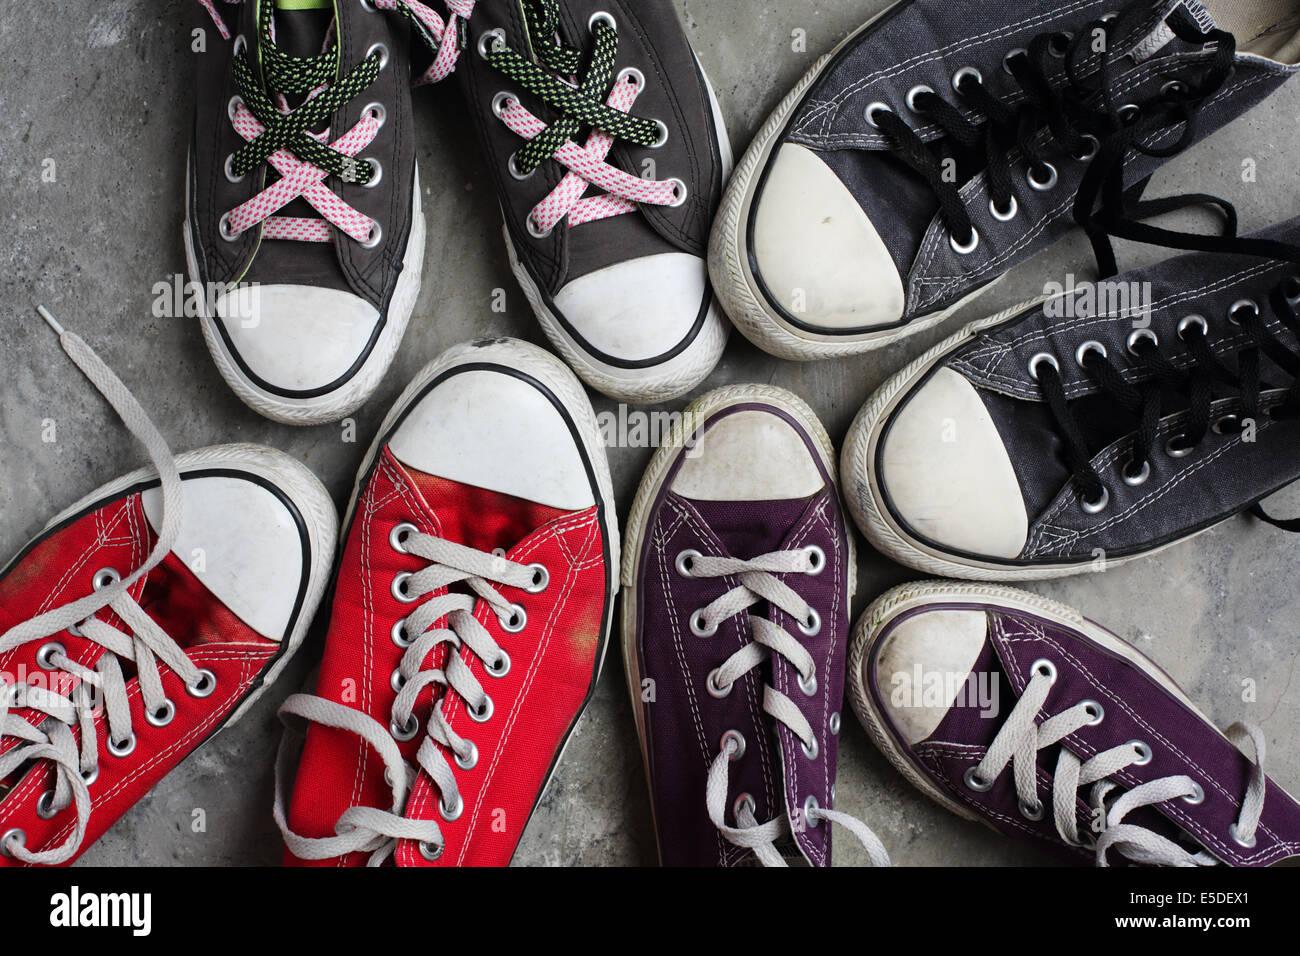 Usati per bambini converse calzature isolate su un bianco di sfondo per  studio. EKM40J (RM). Quattro paia di scarpe Converse sparato contro un  sfondo di ... 1bbffca85da